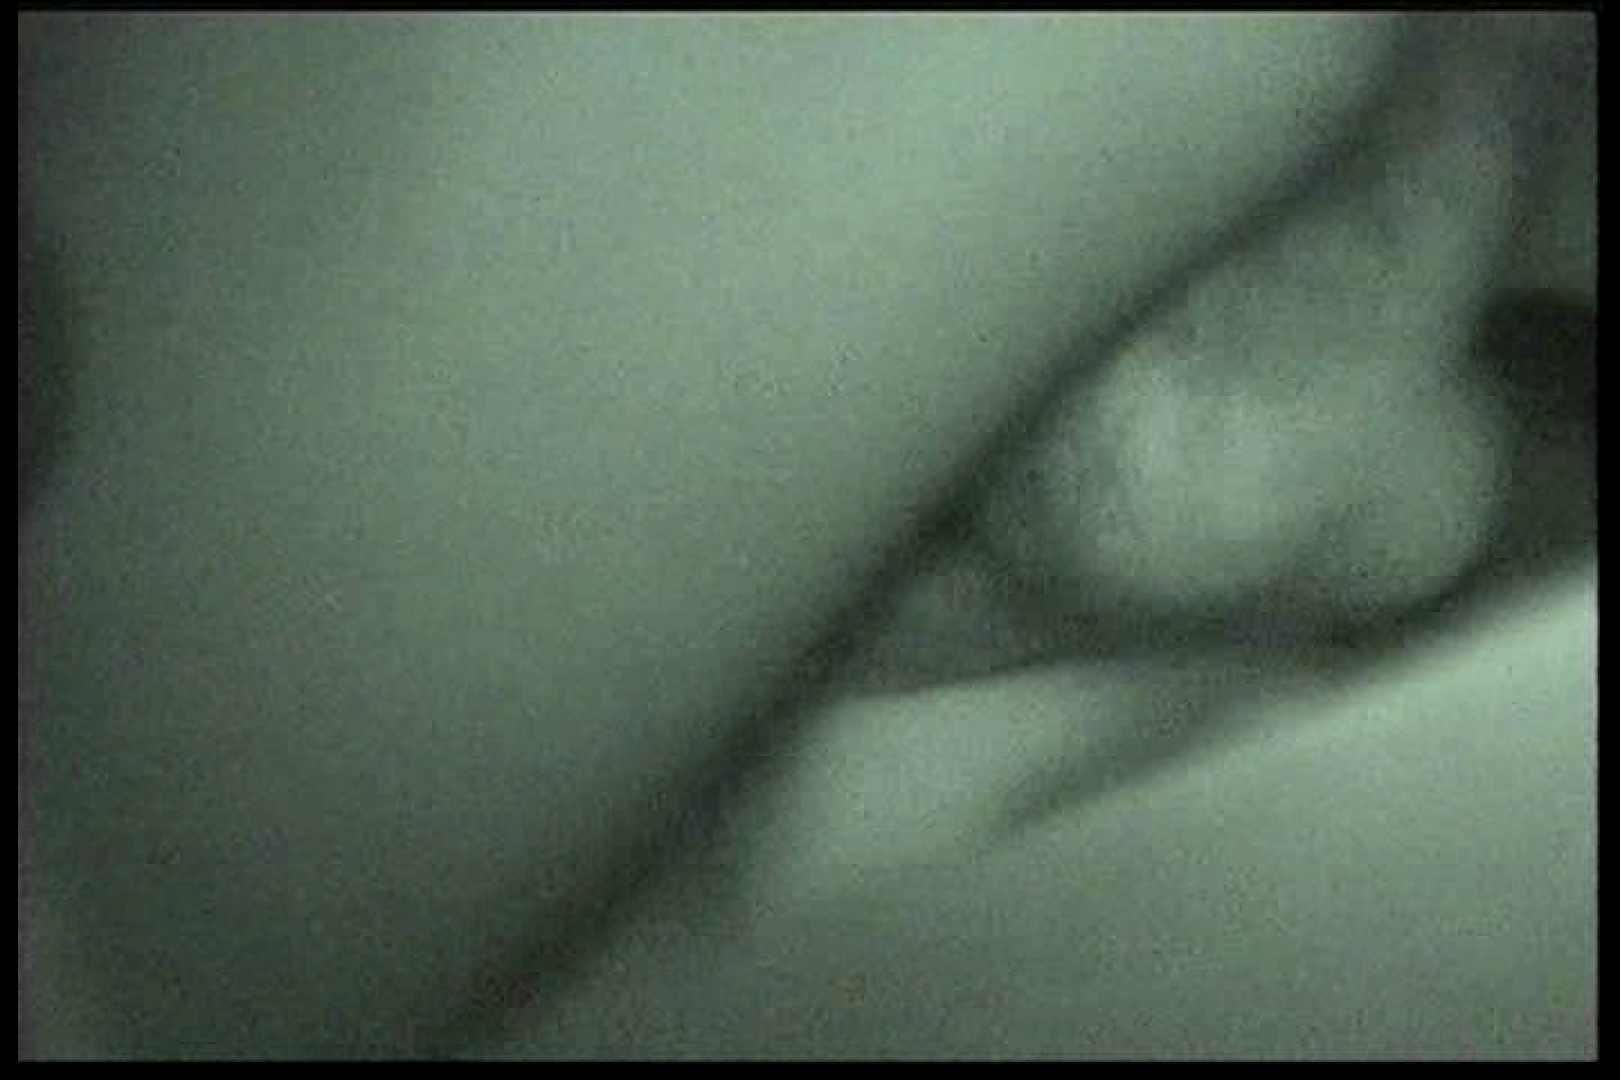 車の中はラブホテル 無修正版  Vol.14 マンコ無修正 覗き性交動画流出 100画像 99